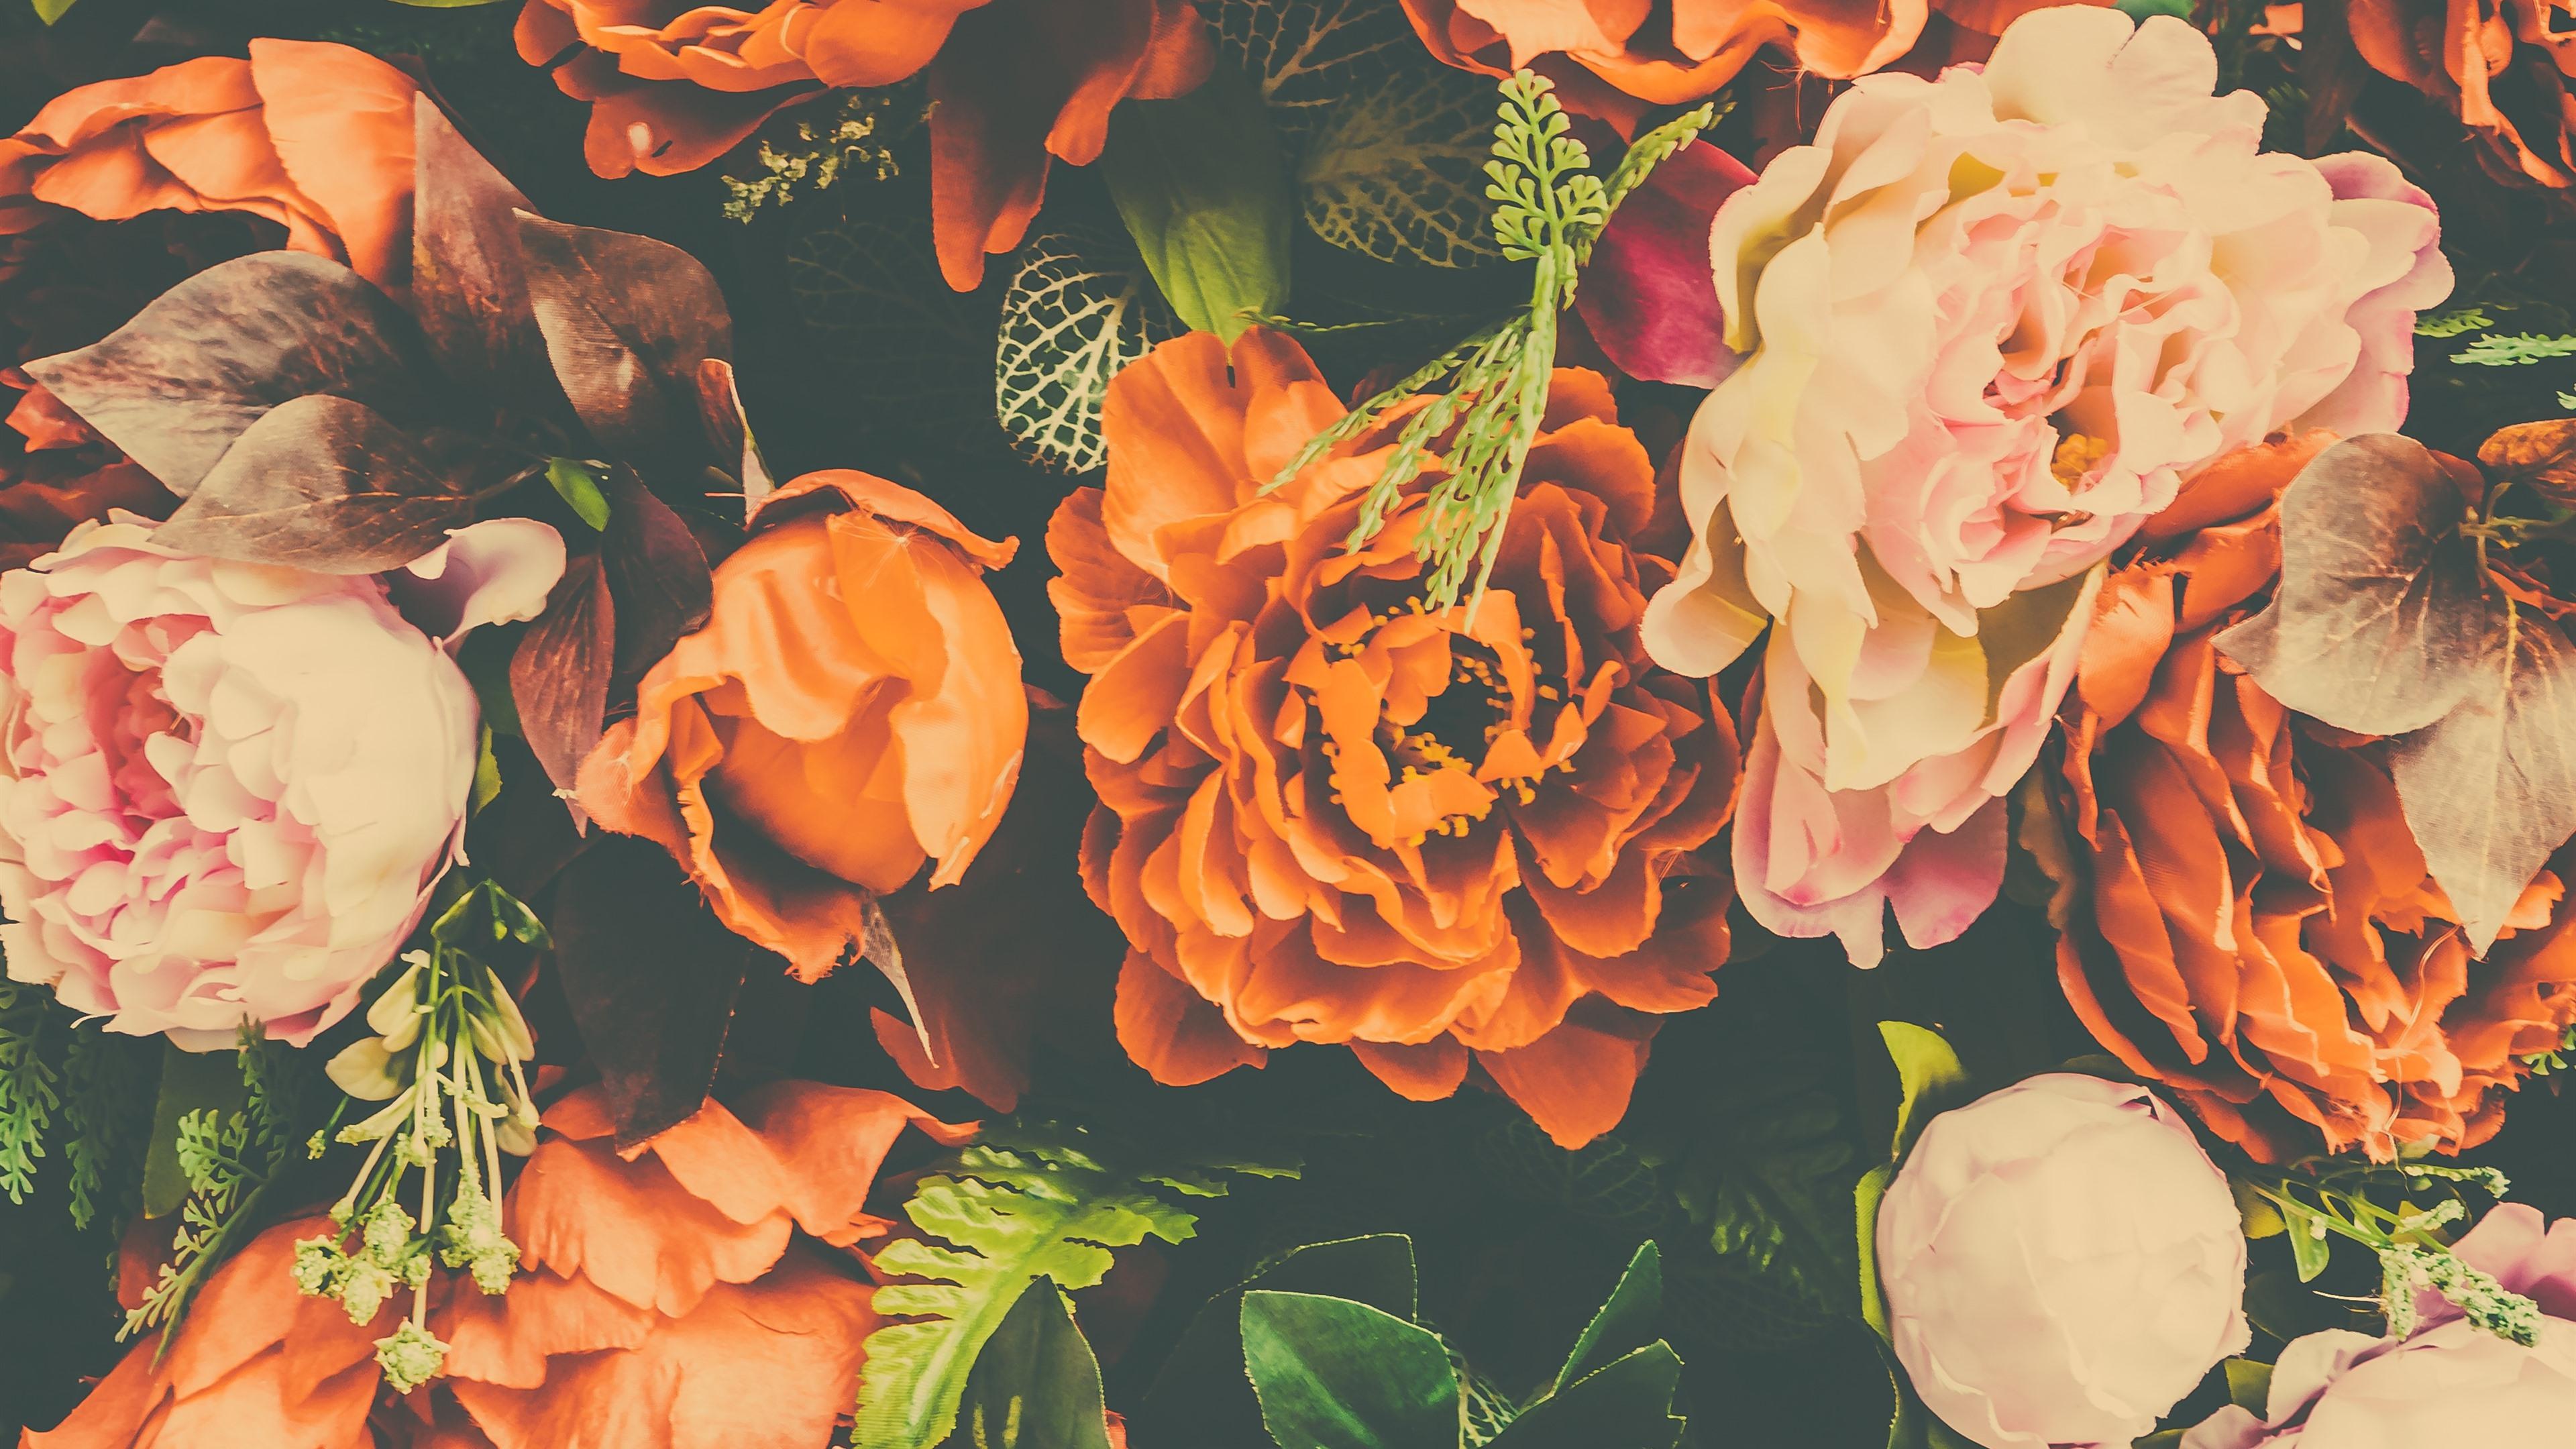 壁紙 オレンジとピンクの牡丹 造花 3840x2160 Uhd 4k 無料の